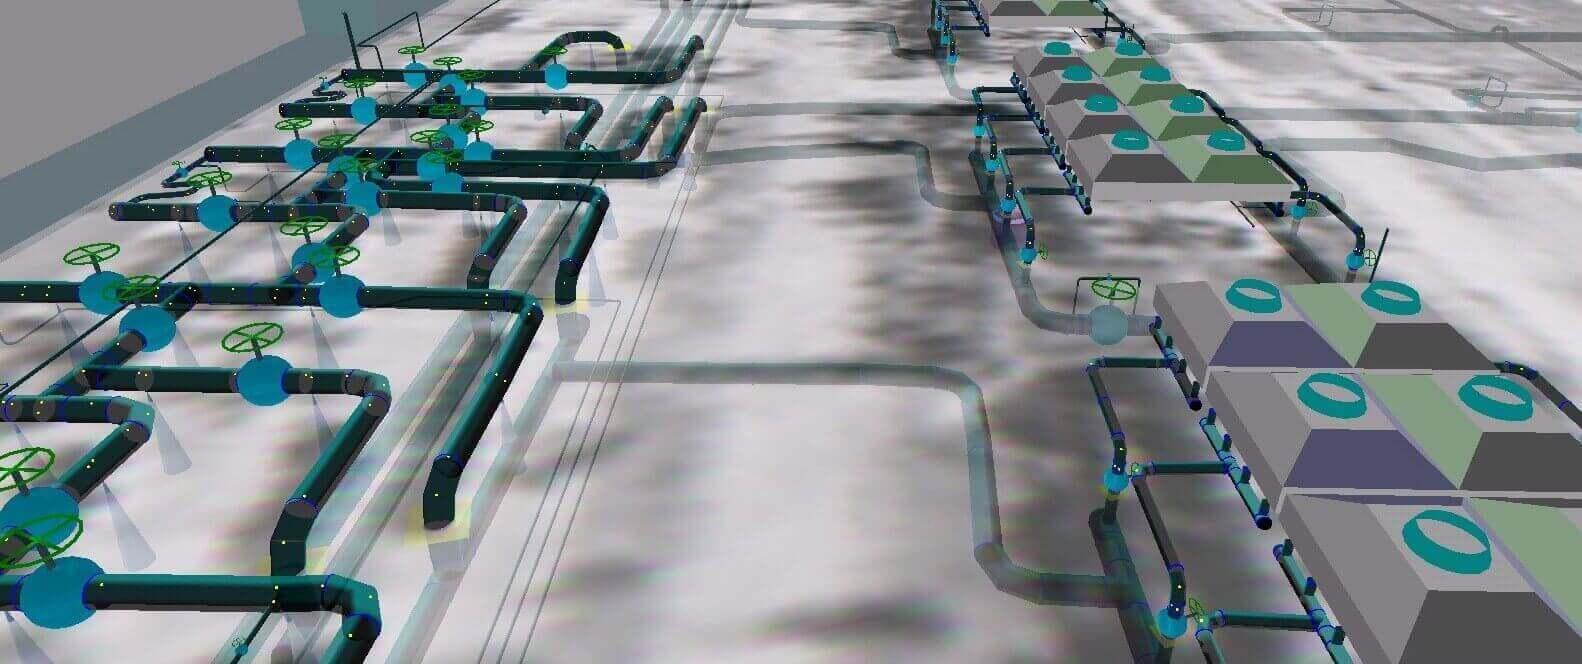 Построение и  визуализация данных на трехмерных  моделях, трехмерная модель промлощадки